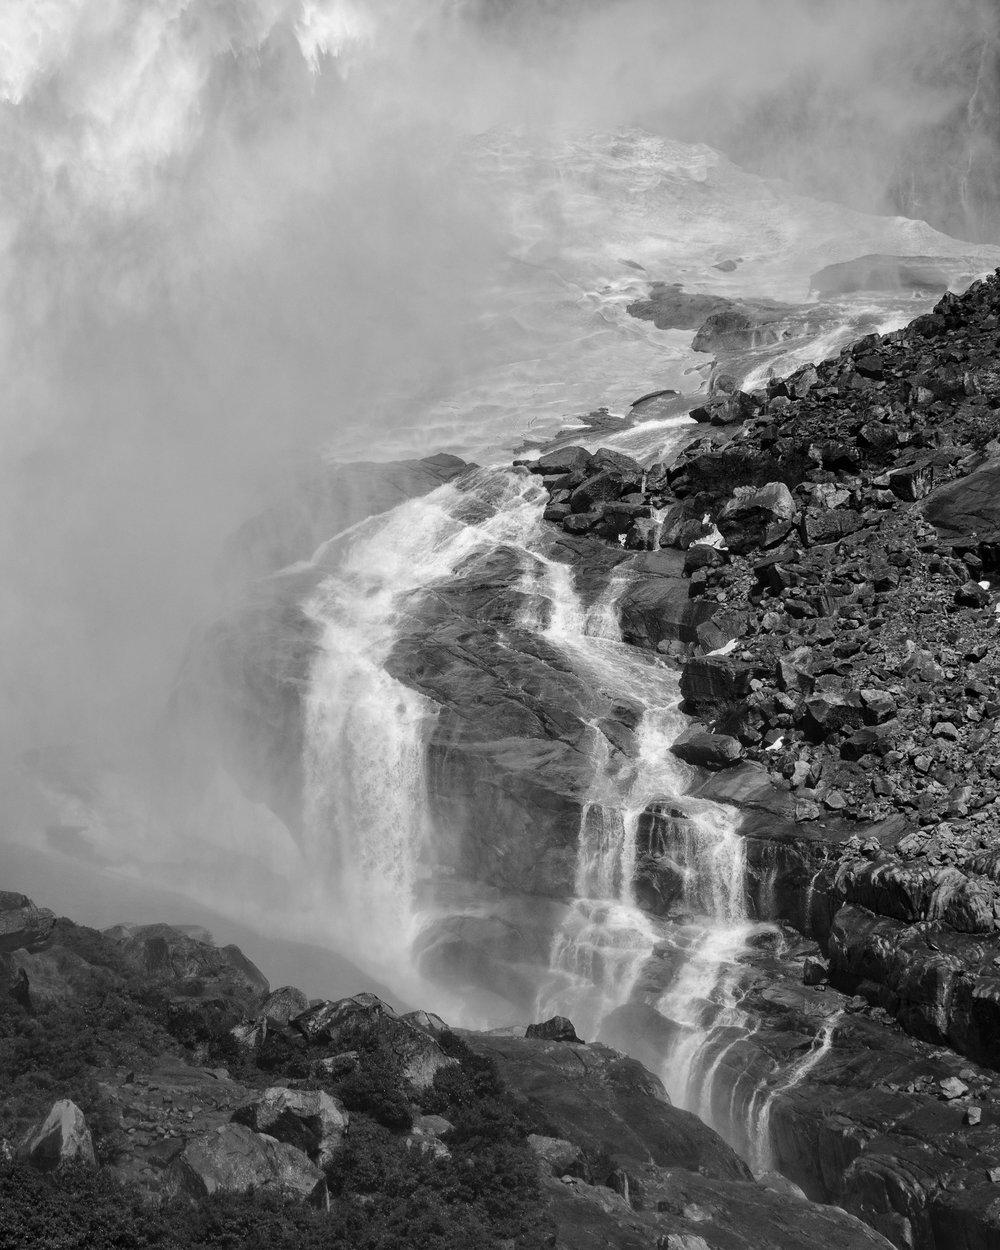 2017_SB_Yosemite_7BW.jpg